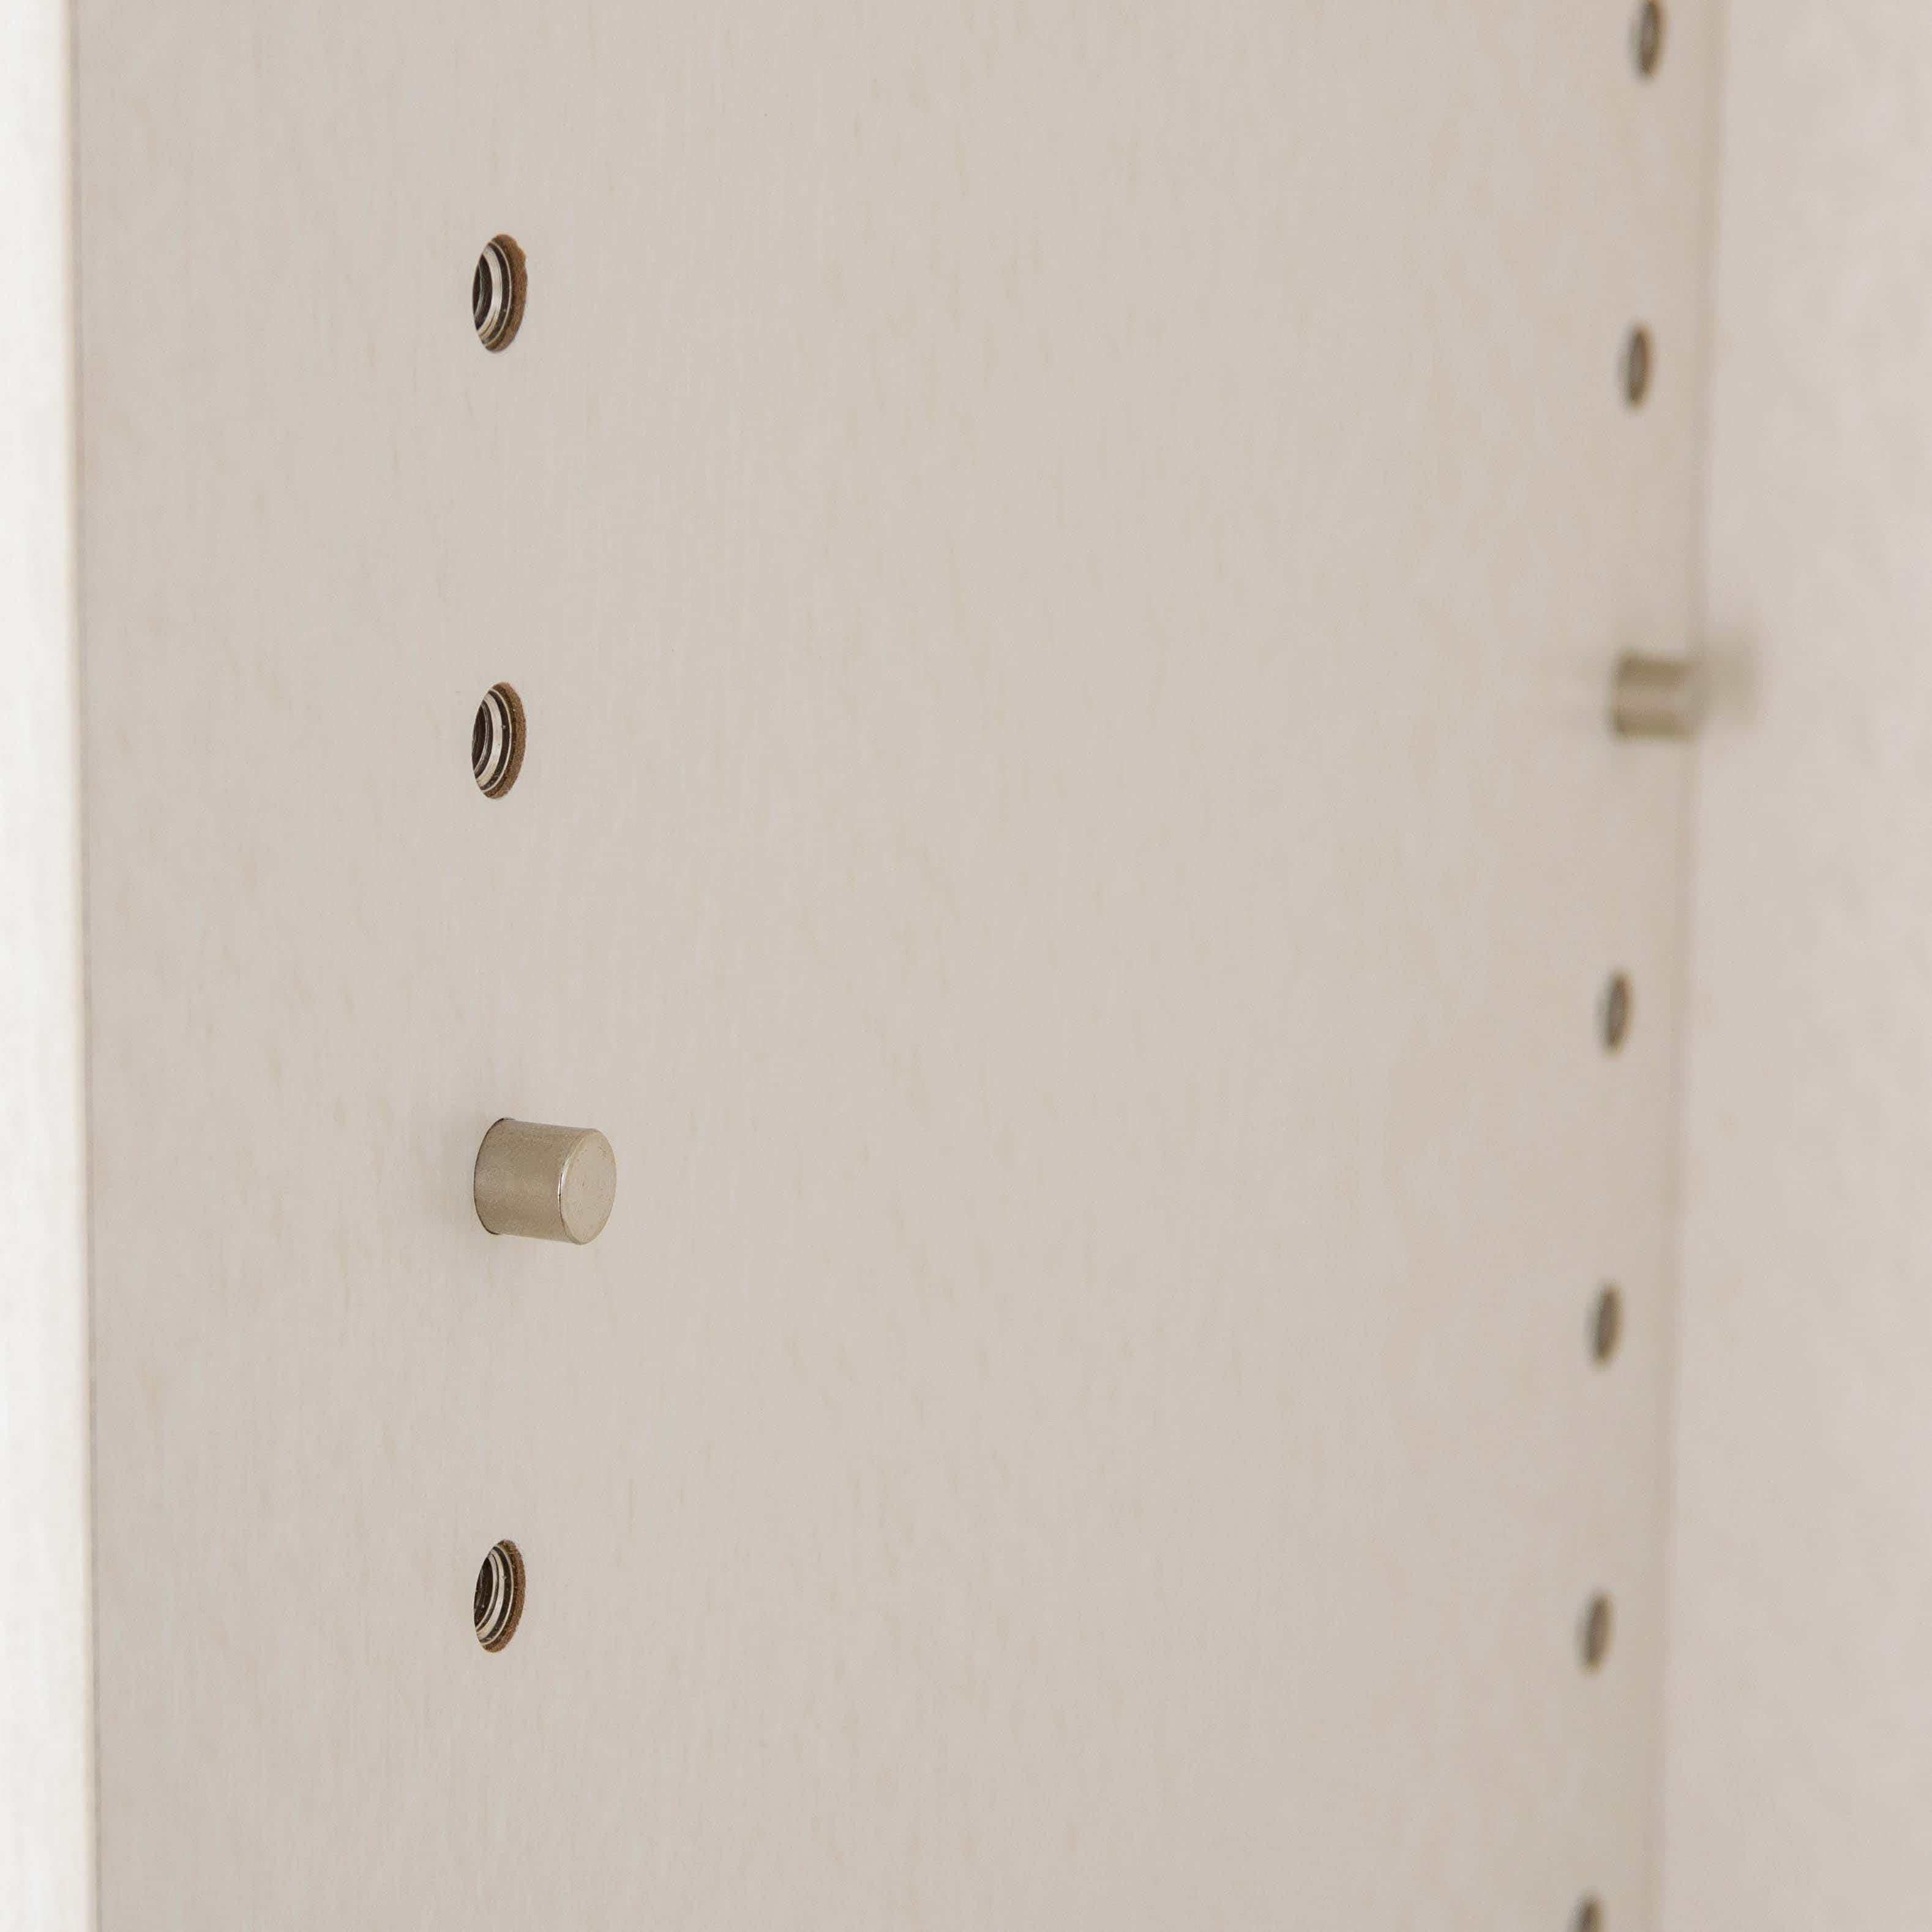 小島工芸 引出 アコード90用(チェリーナチュラル):キレイに収まる魅せる収納